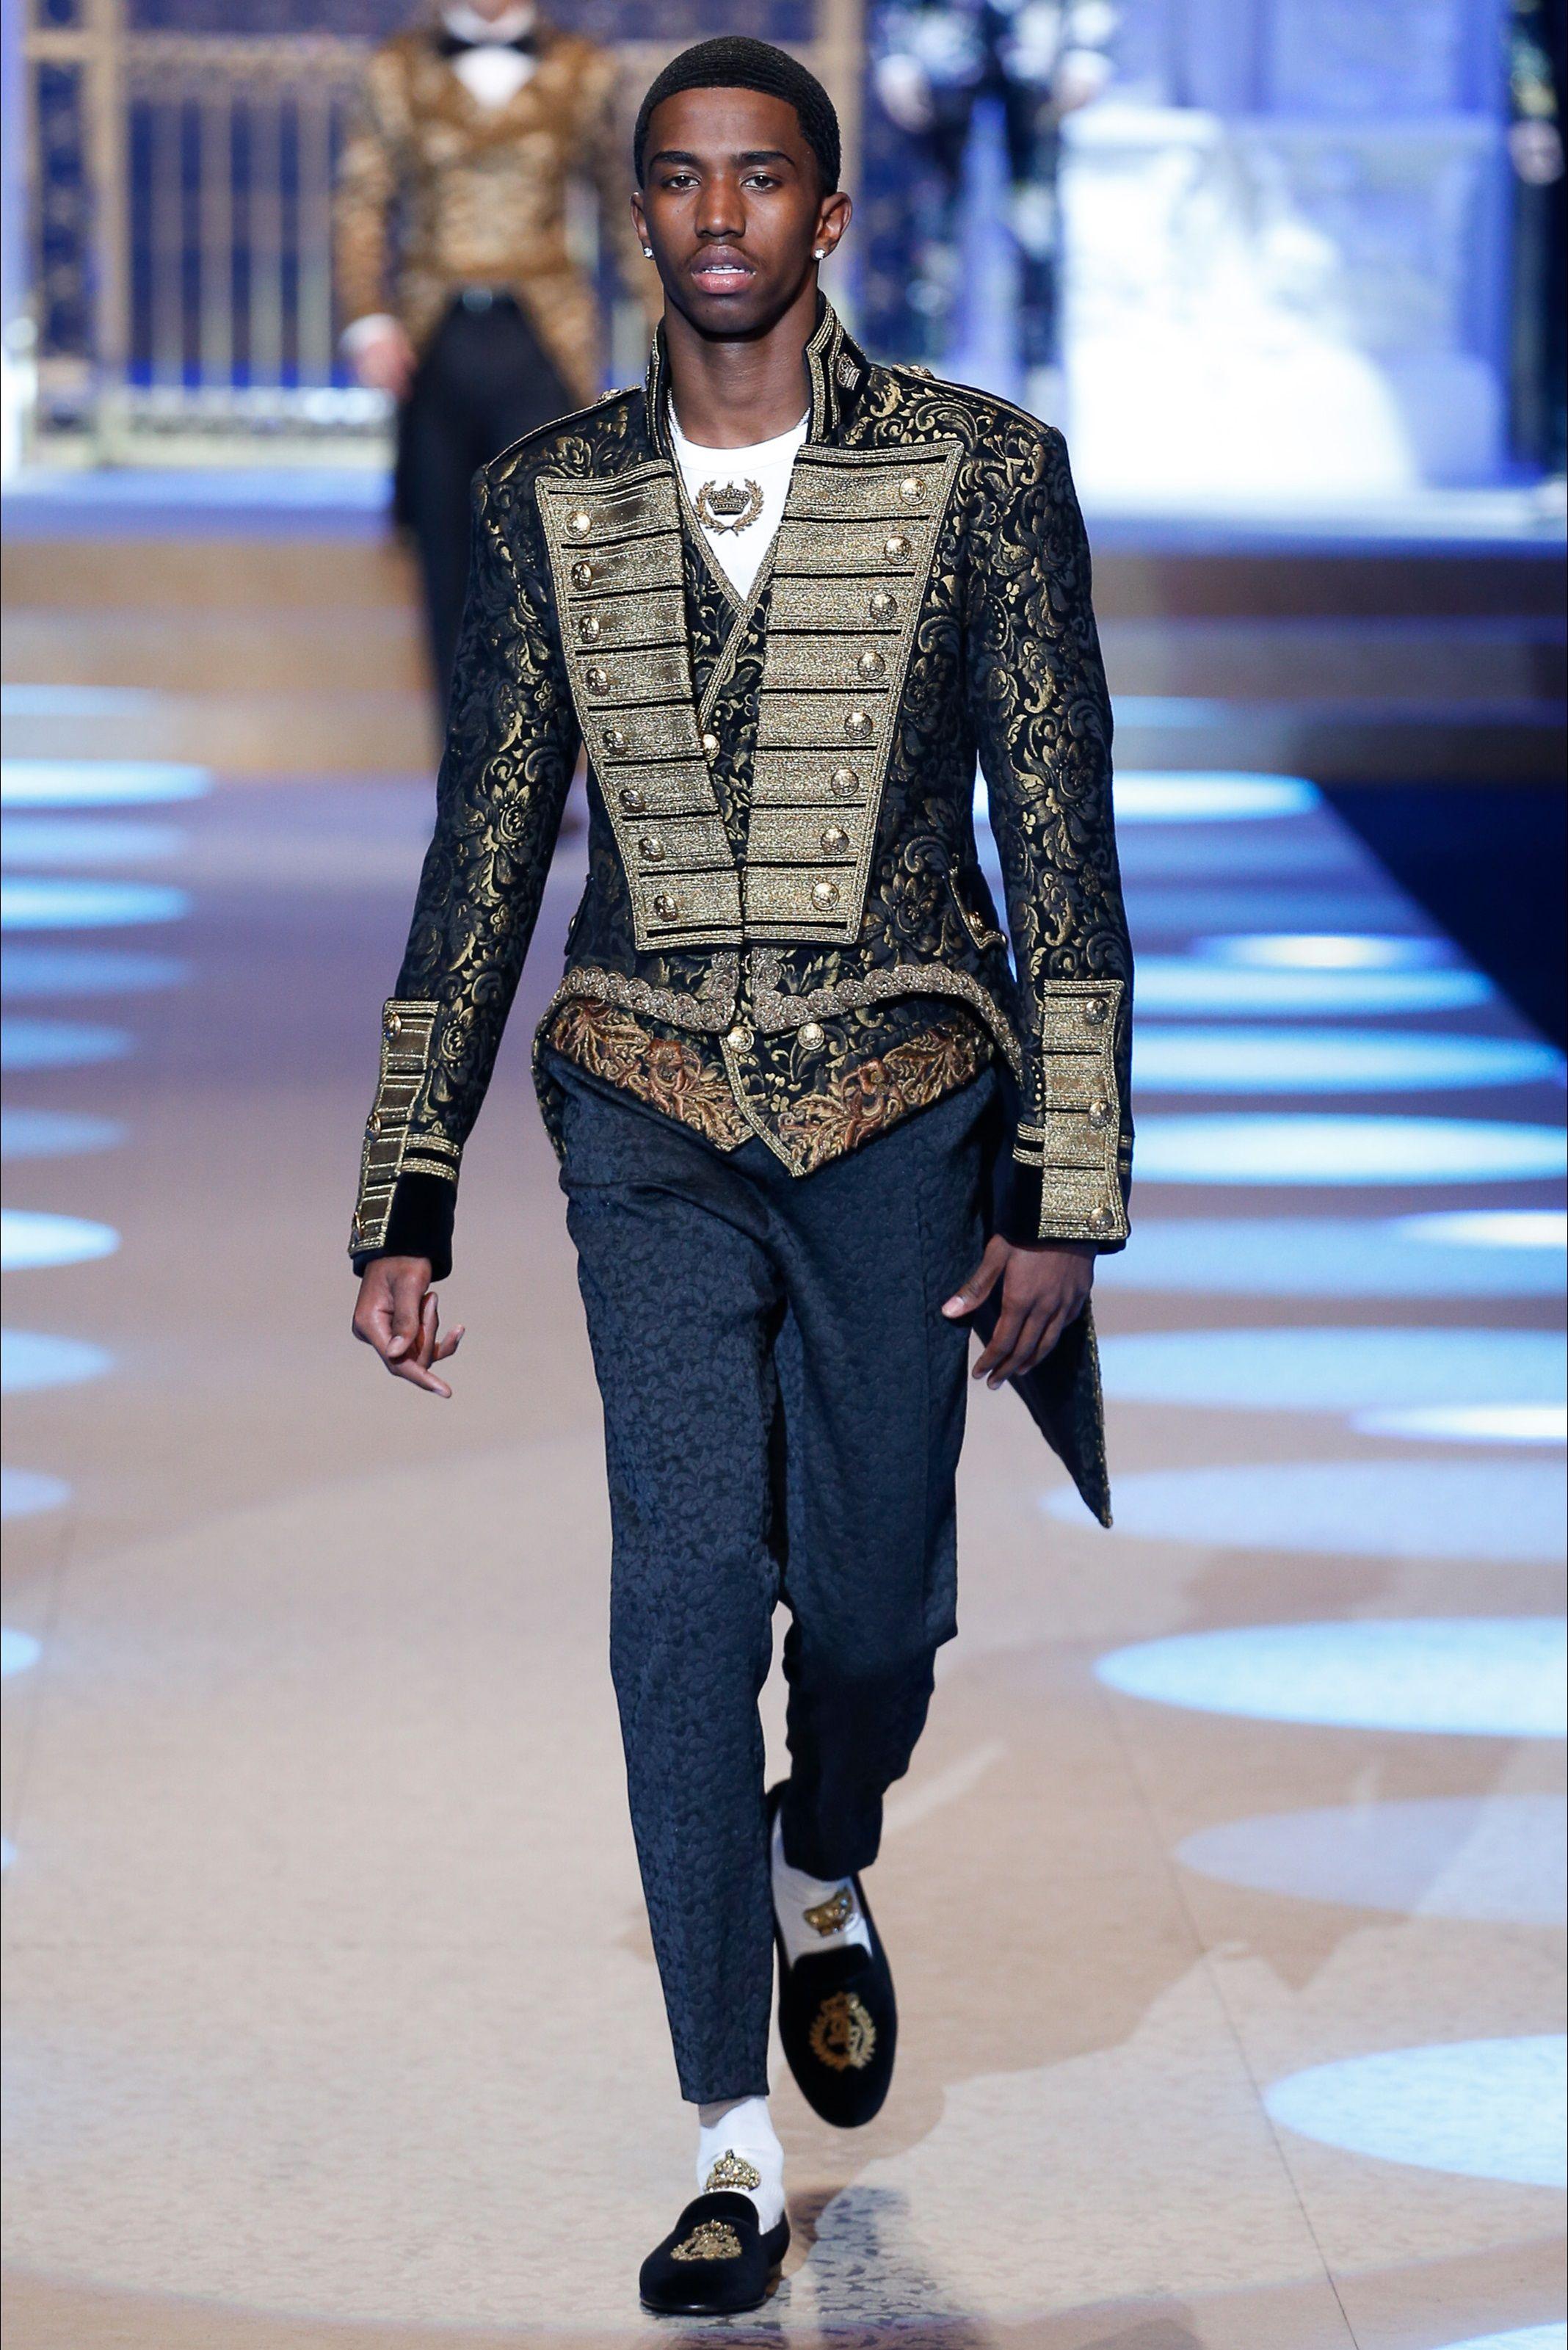 Vestiti Matrimonio Uomo Dolce E Gabbana : Dolce la di uomo gabbanagoditi de scelta abito tua migliore rcebdxo